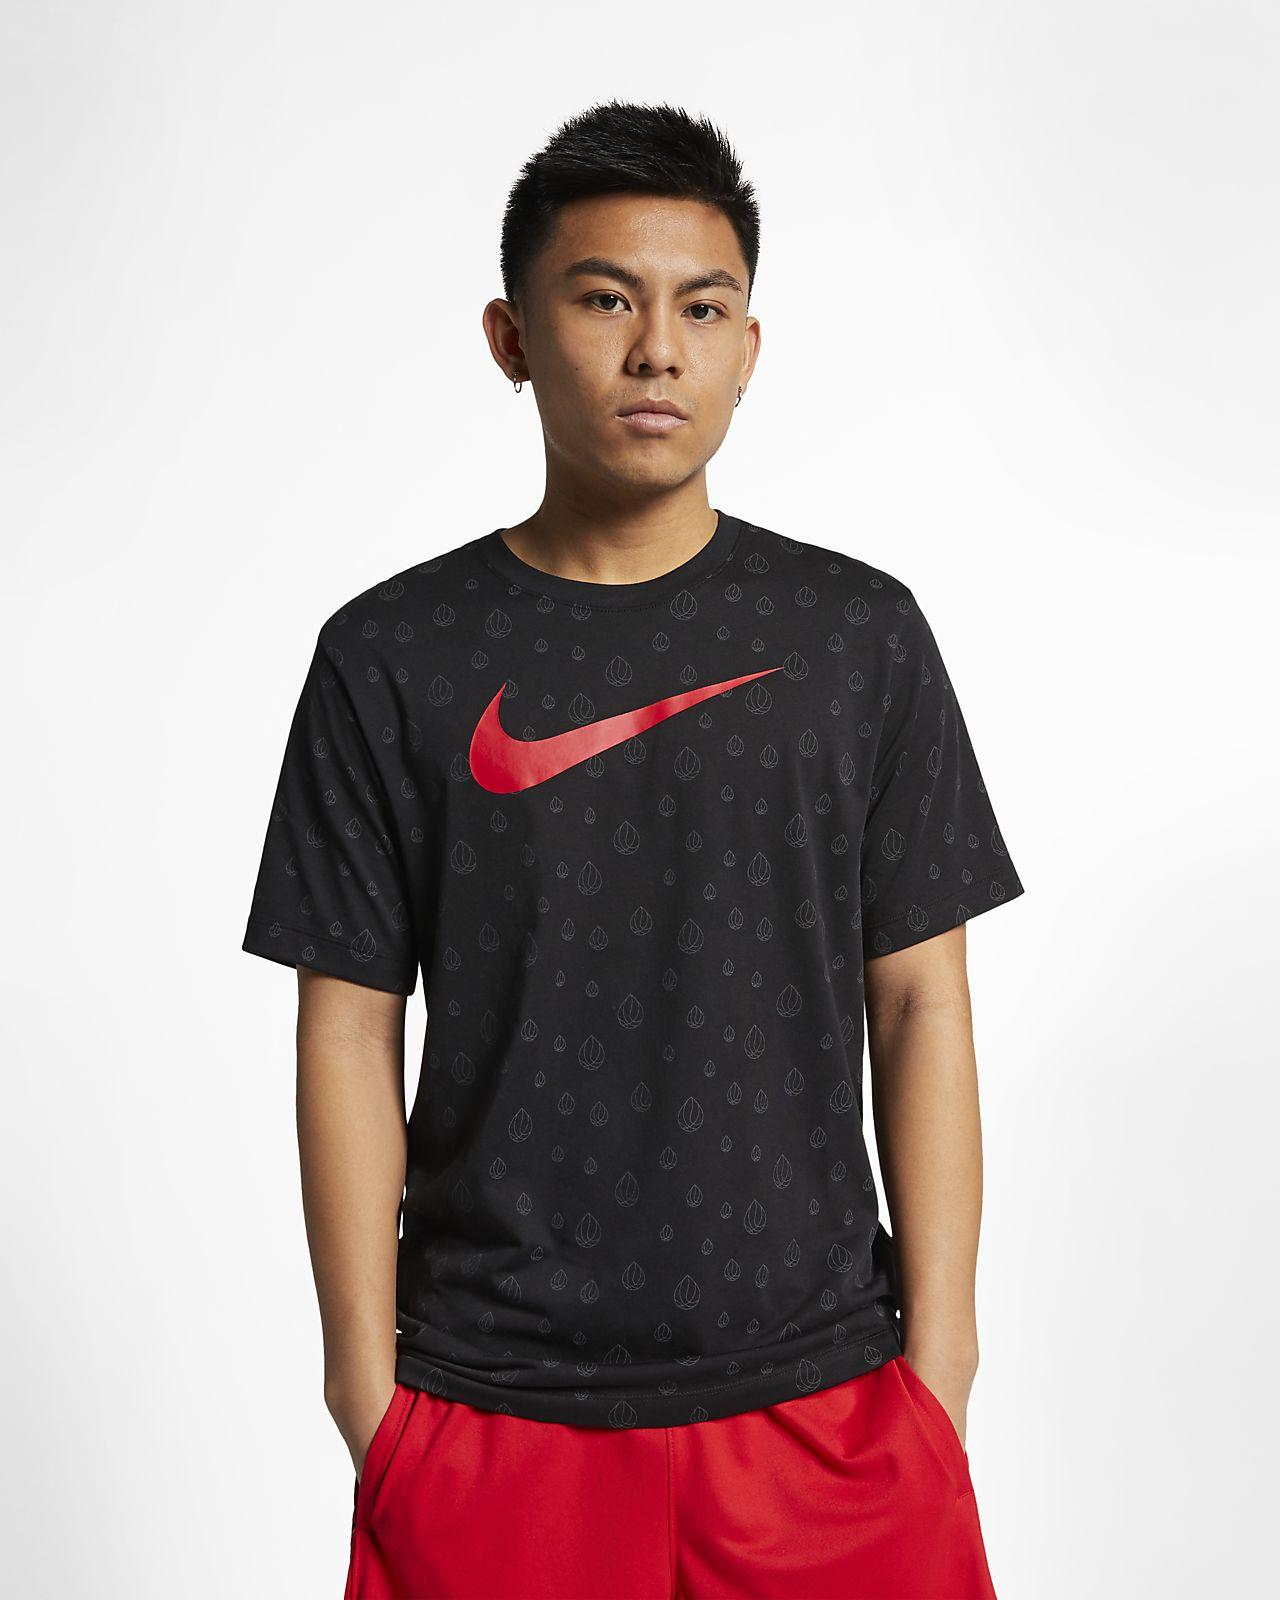 2347589e Nike Dri-FIT Men's Basketball T-Shirt. Nike.com